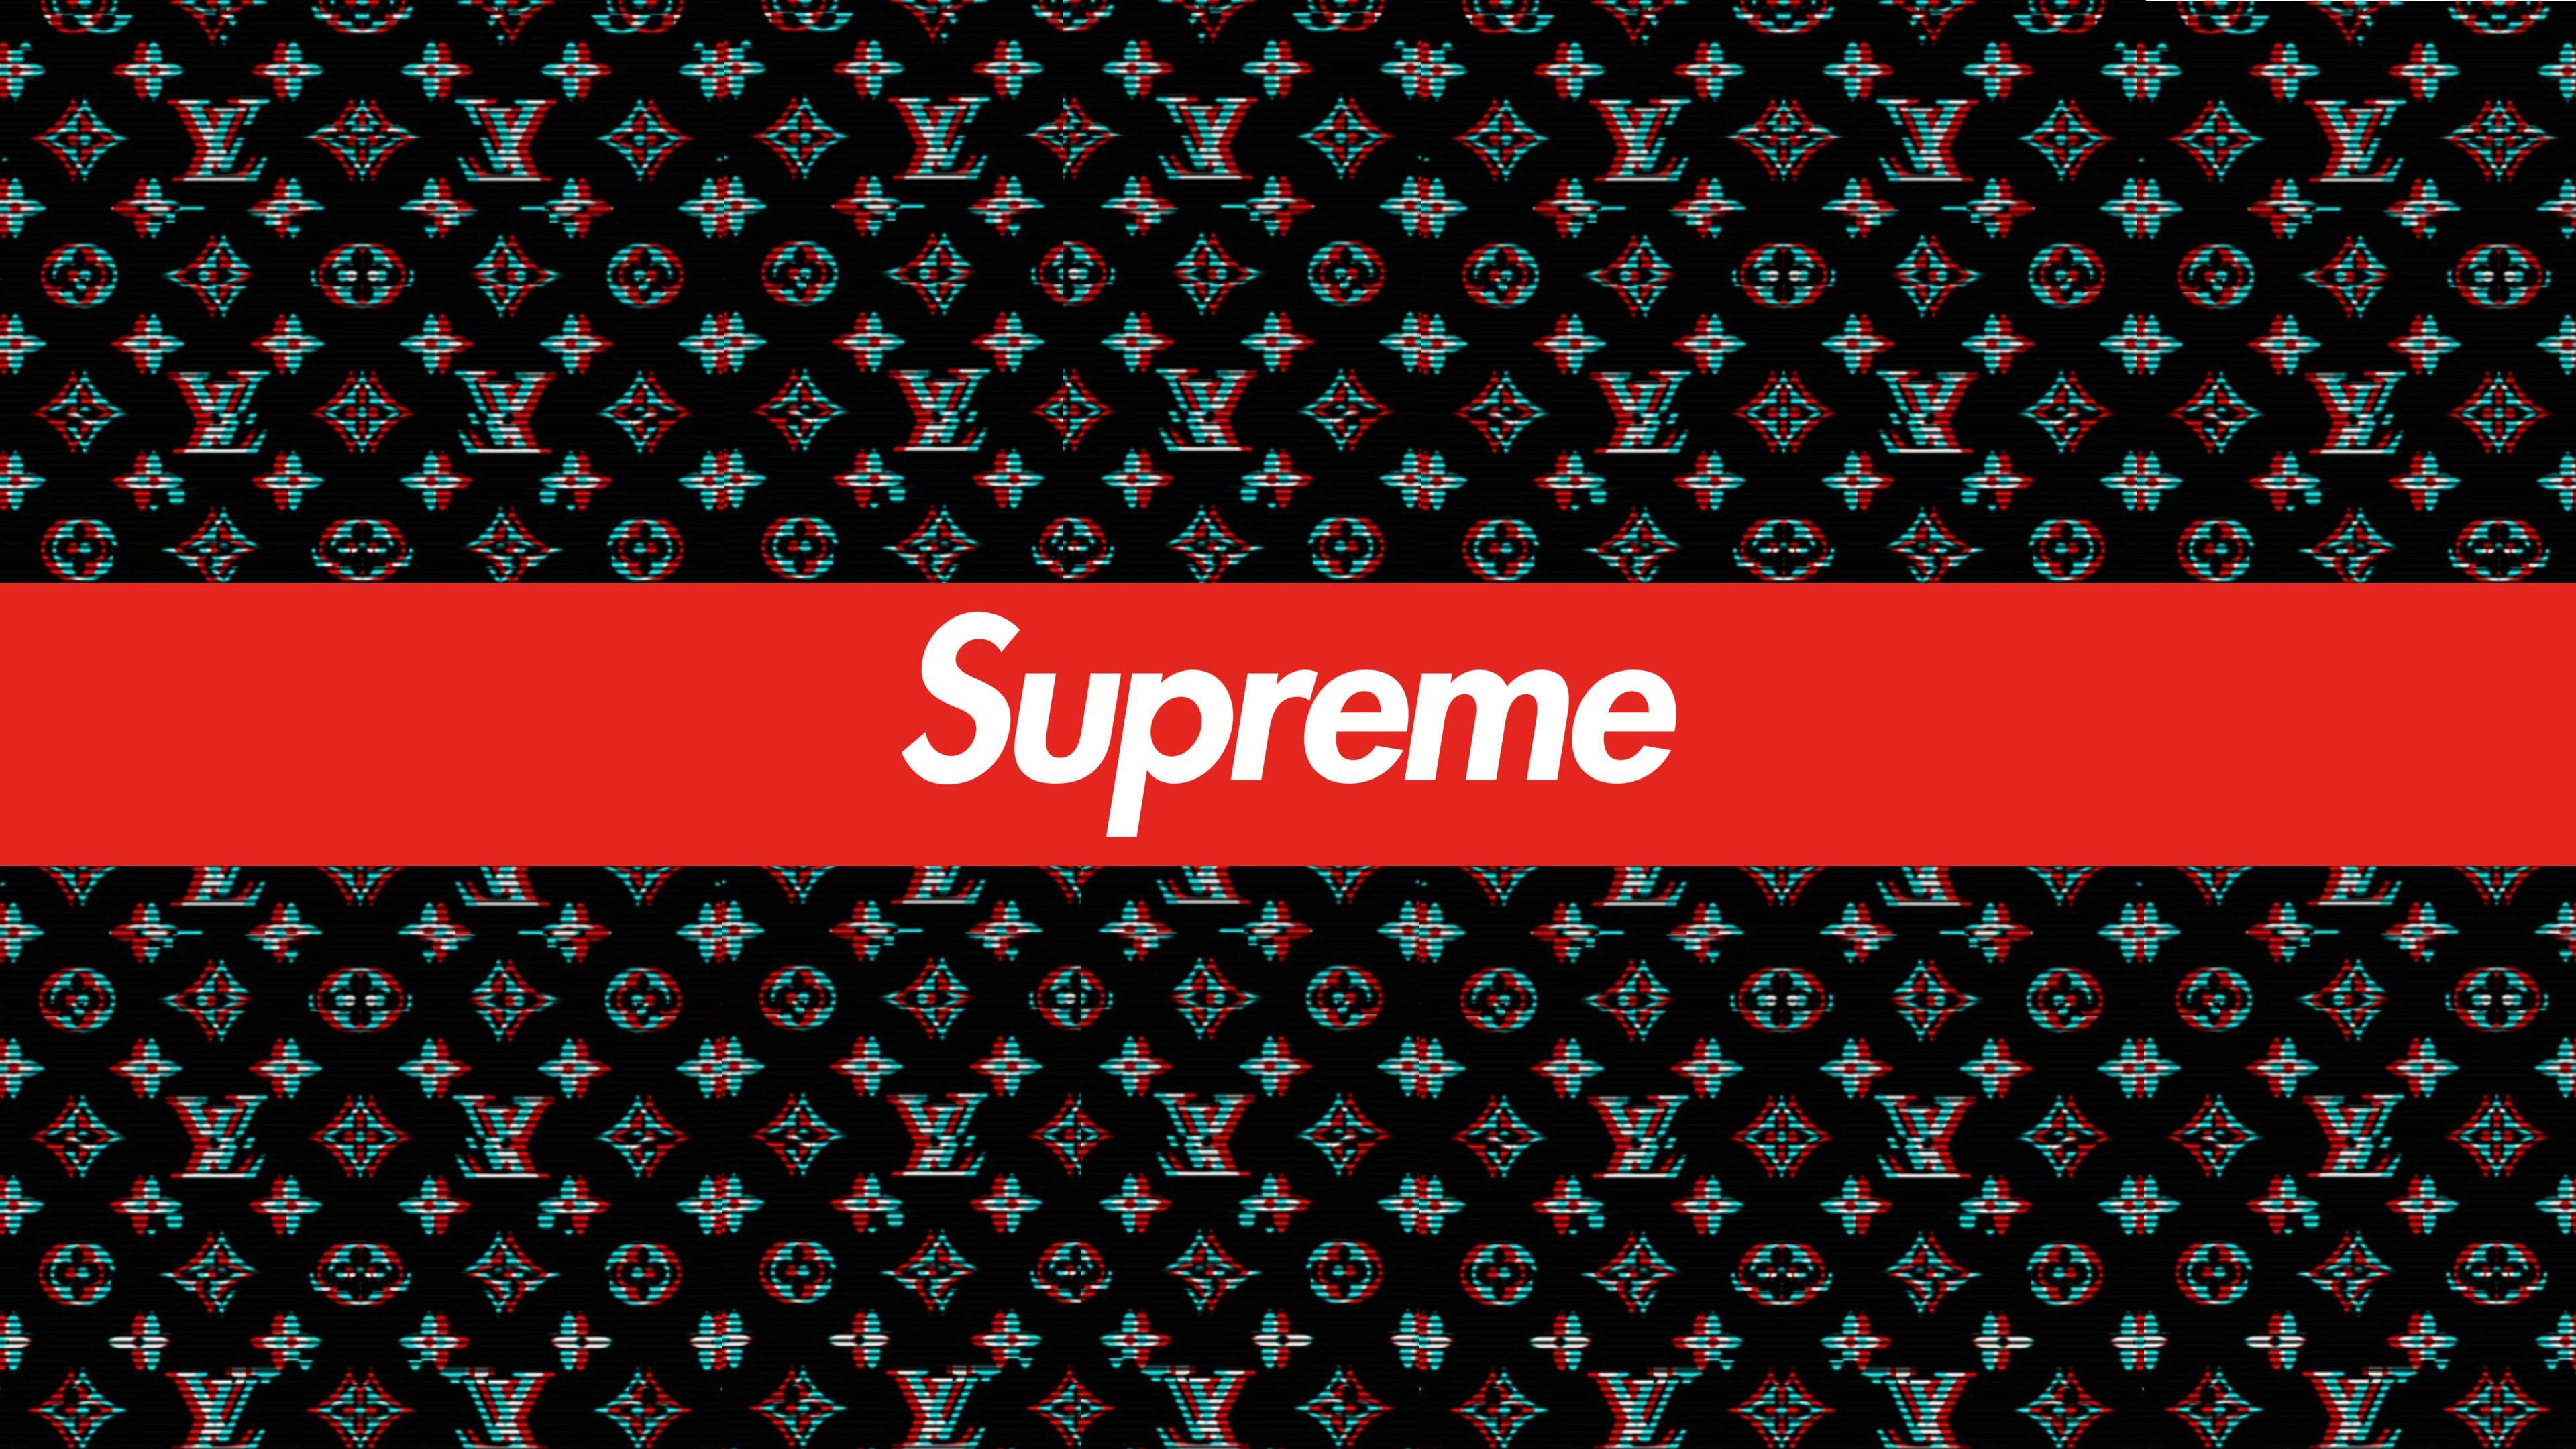 Black Louis Vuitton Supreme Wallpapers Top Free Black Louis Vuitton Supreme Backgrounds Wal Supreme Wallpaper Supreme Iphone Wallpaper Supreme Wallpaper Hd